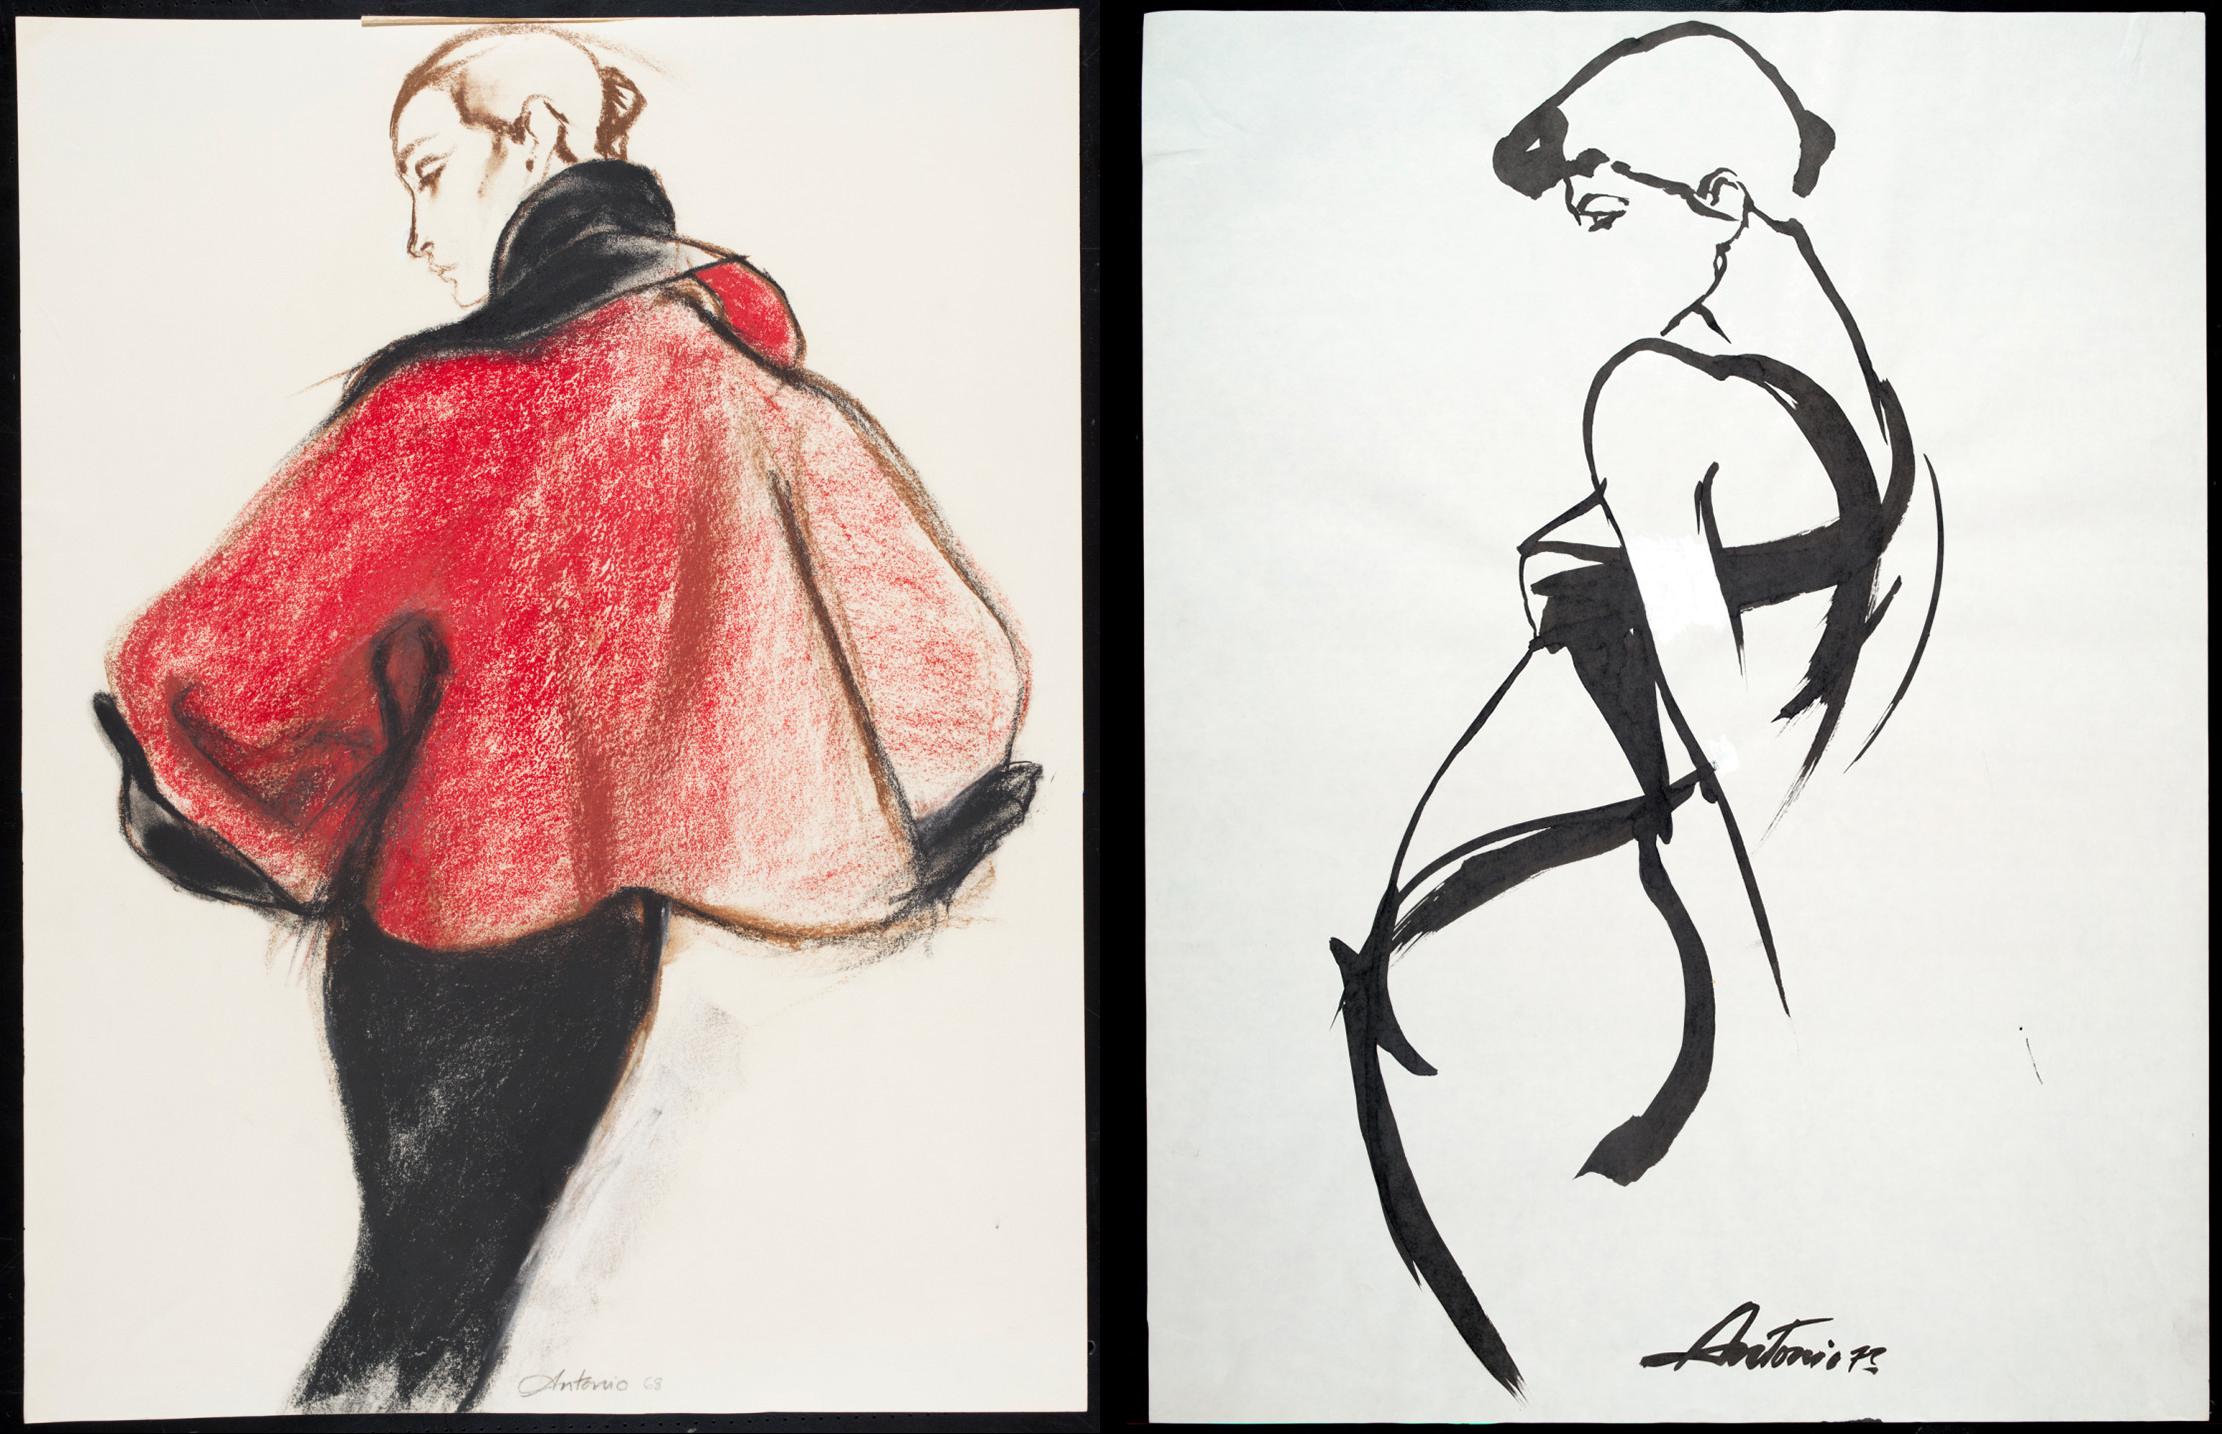 Чарльз Джеймс - работы кутюрье в иллюстрациях Антонио Лопеса